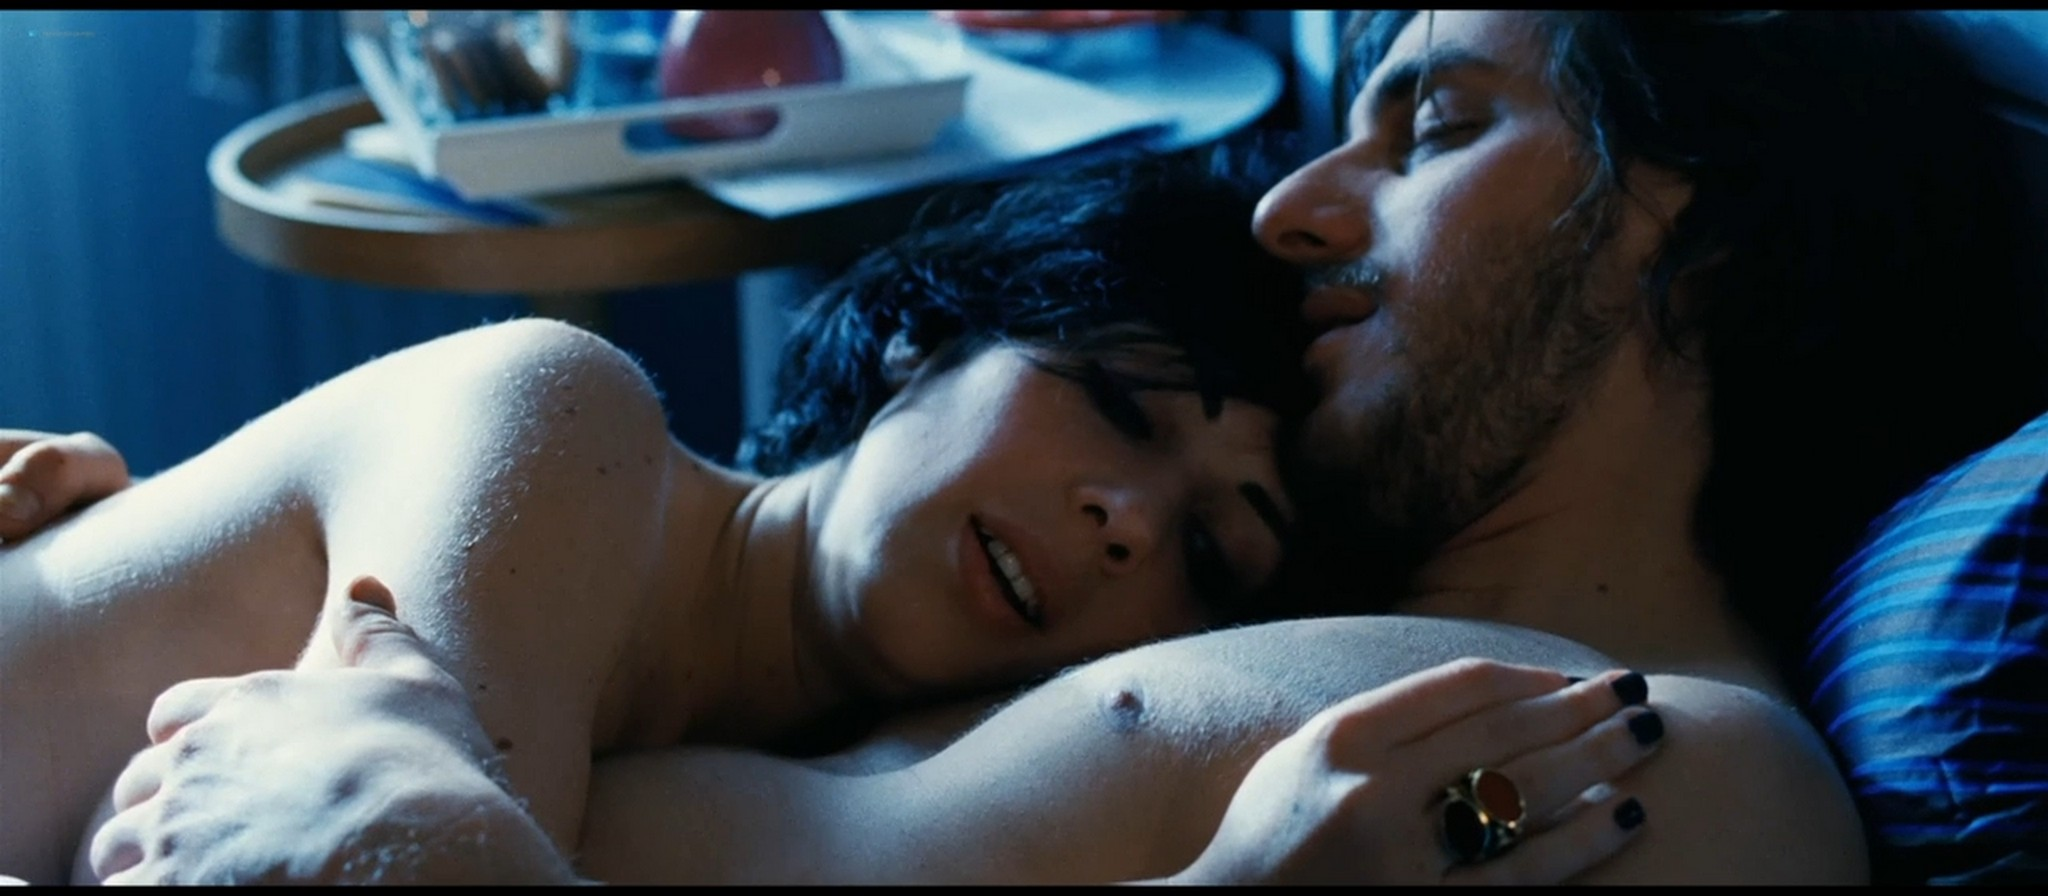 Thony Federica Victoria Caiozzo nude butt and sex Stefania Felicioli sexy Tutti i santi giorni IT 2012 720p BluRay 01